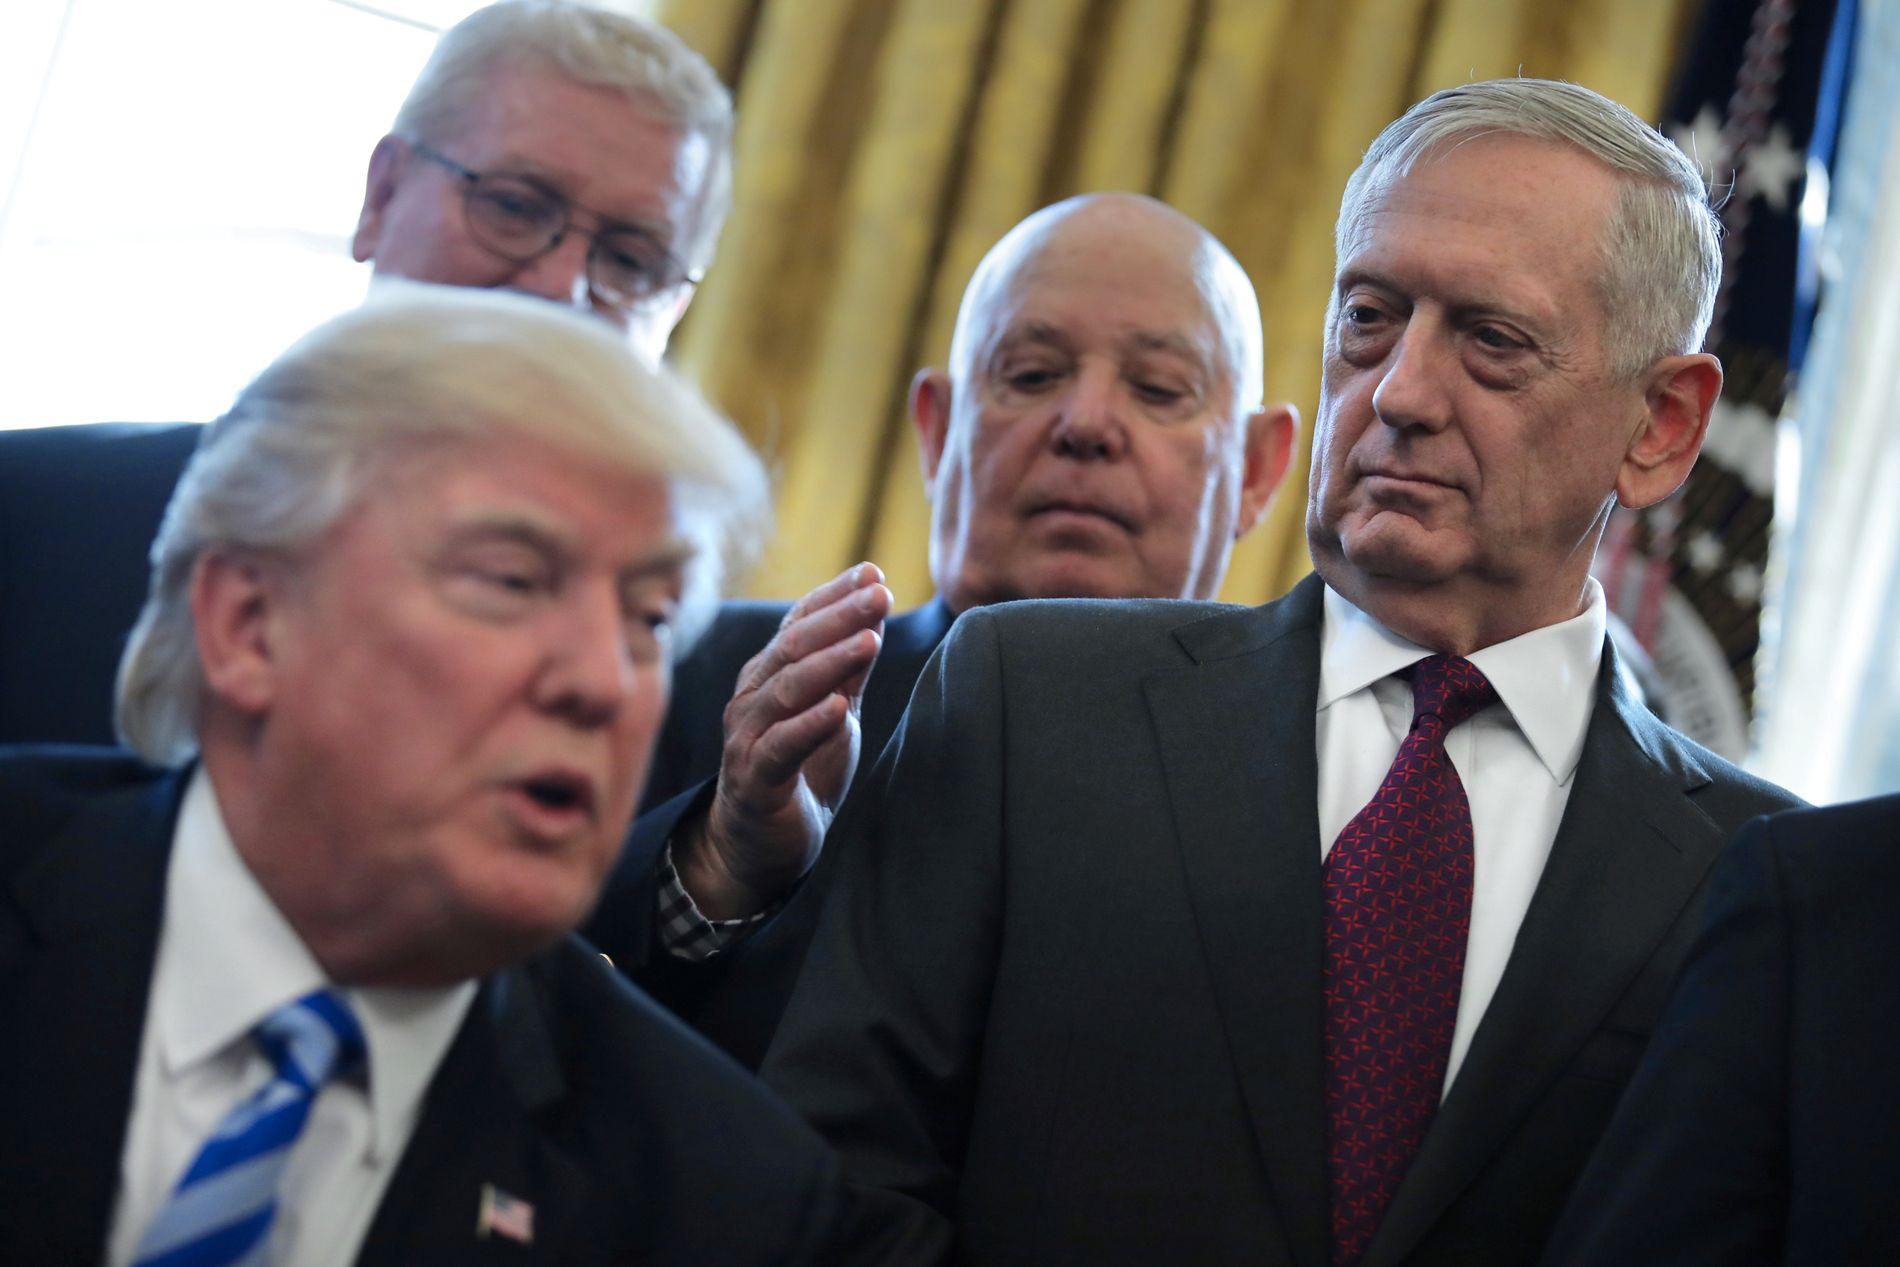 UT AV SYRIA: Donald Trump trekkjer USA ut av Syria, og James Mattis (t.v.) går av som forsvarsminister. – Det er ei urovekkjande utvikling, meiner Bergens Tidende.